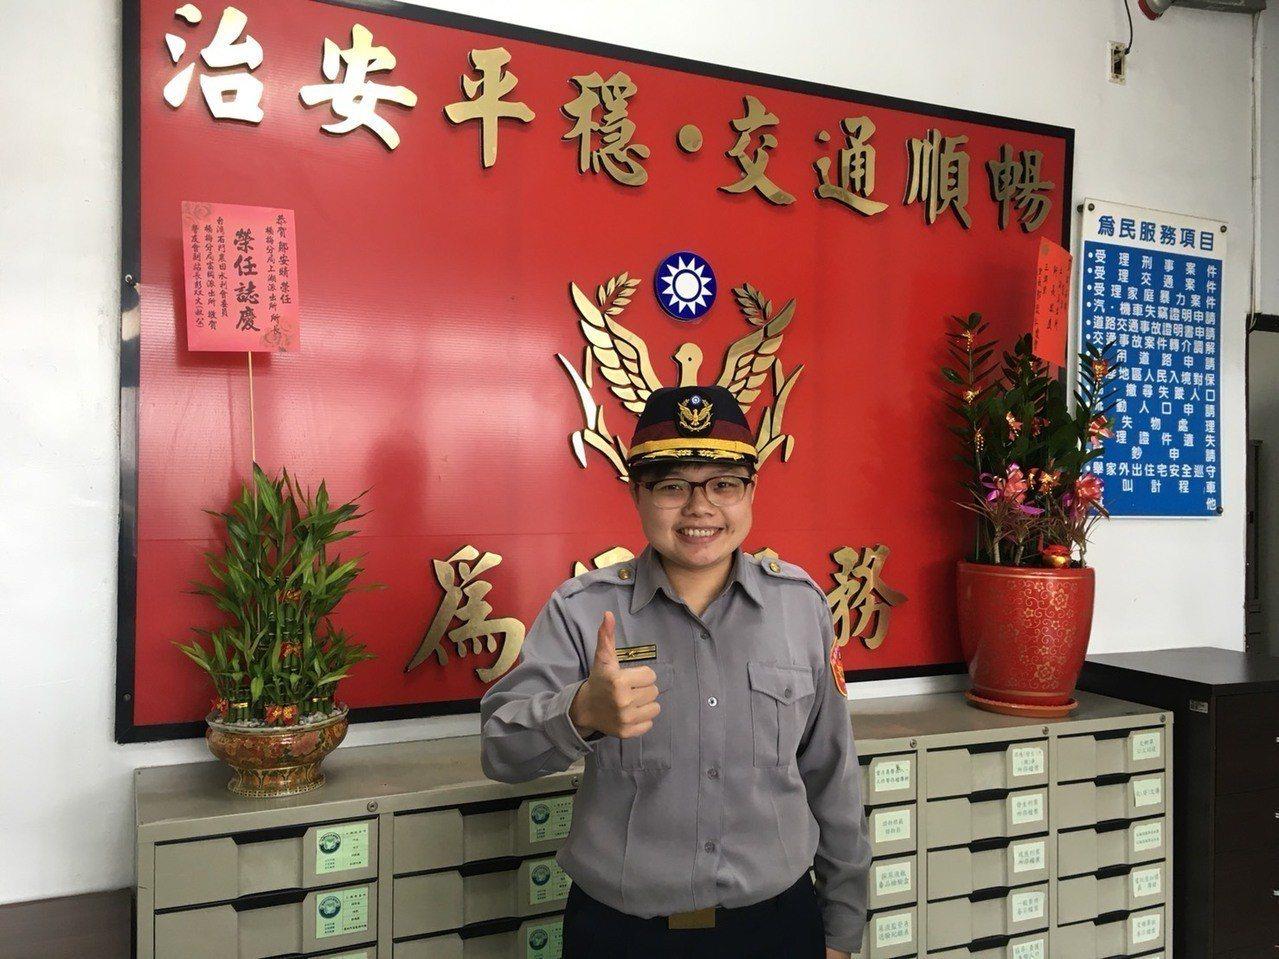 鄒安晴出任上湖派出所所長成為楊梅警分局第一位女所長。記者鄭國樑/攝影